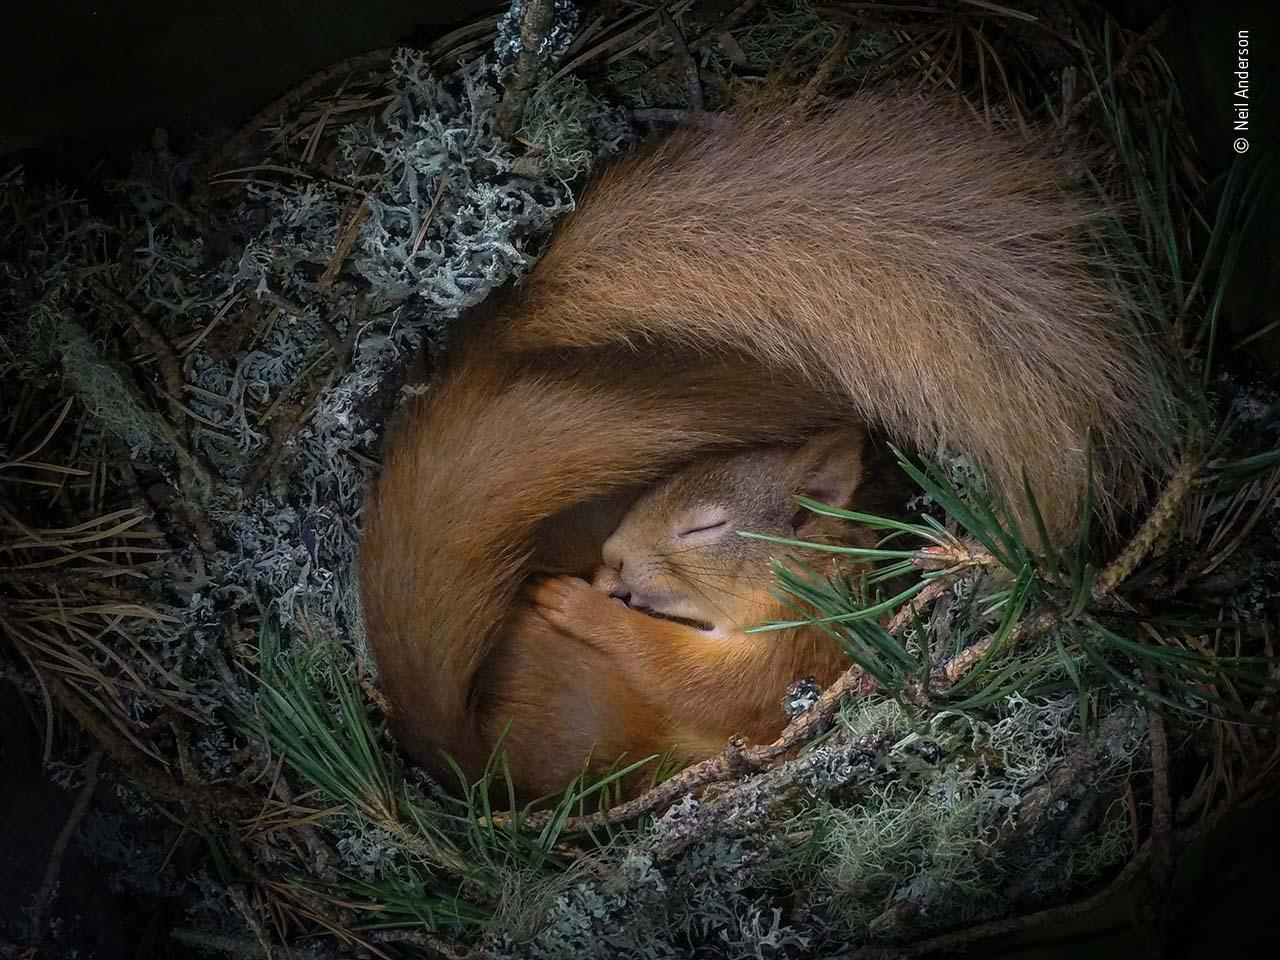 Neil Parkinson / Fotógrafo de Vida Selvagem do Ano